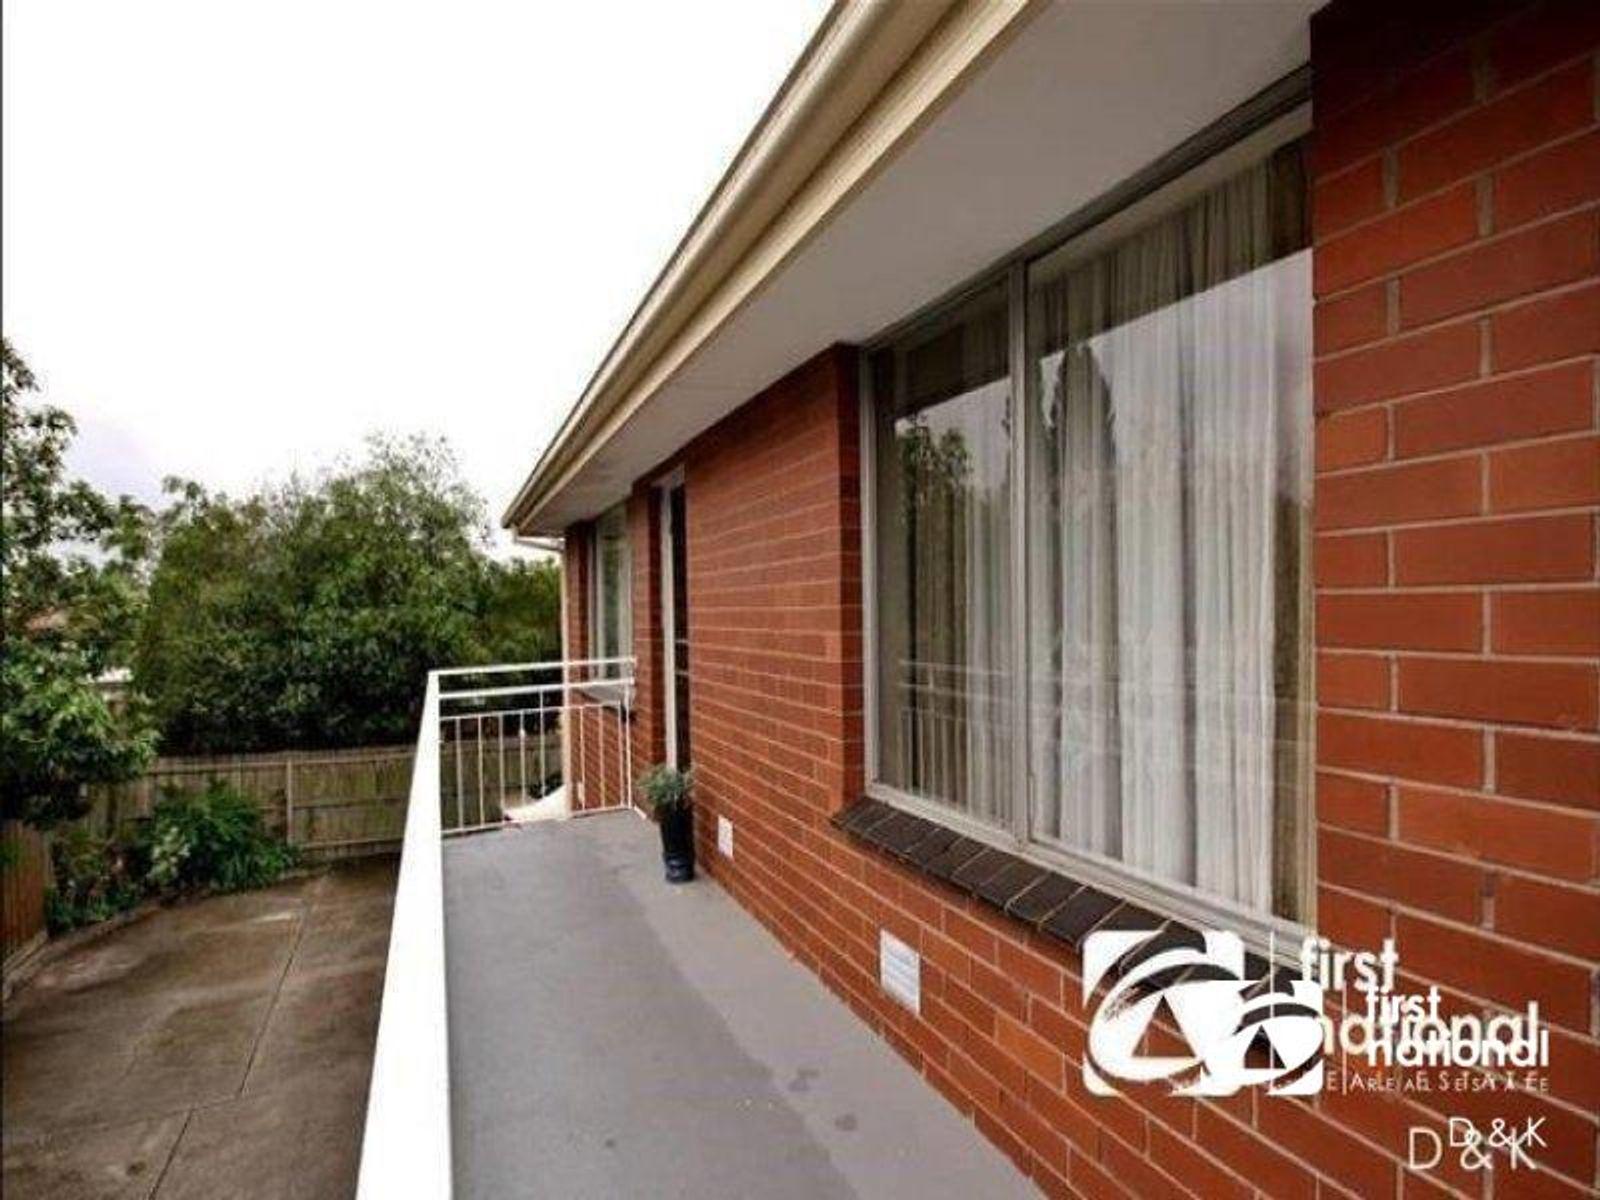 10/98 Rupert Street, West Footscray, VIC 3012